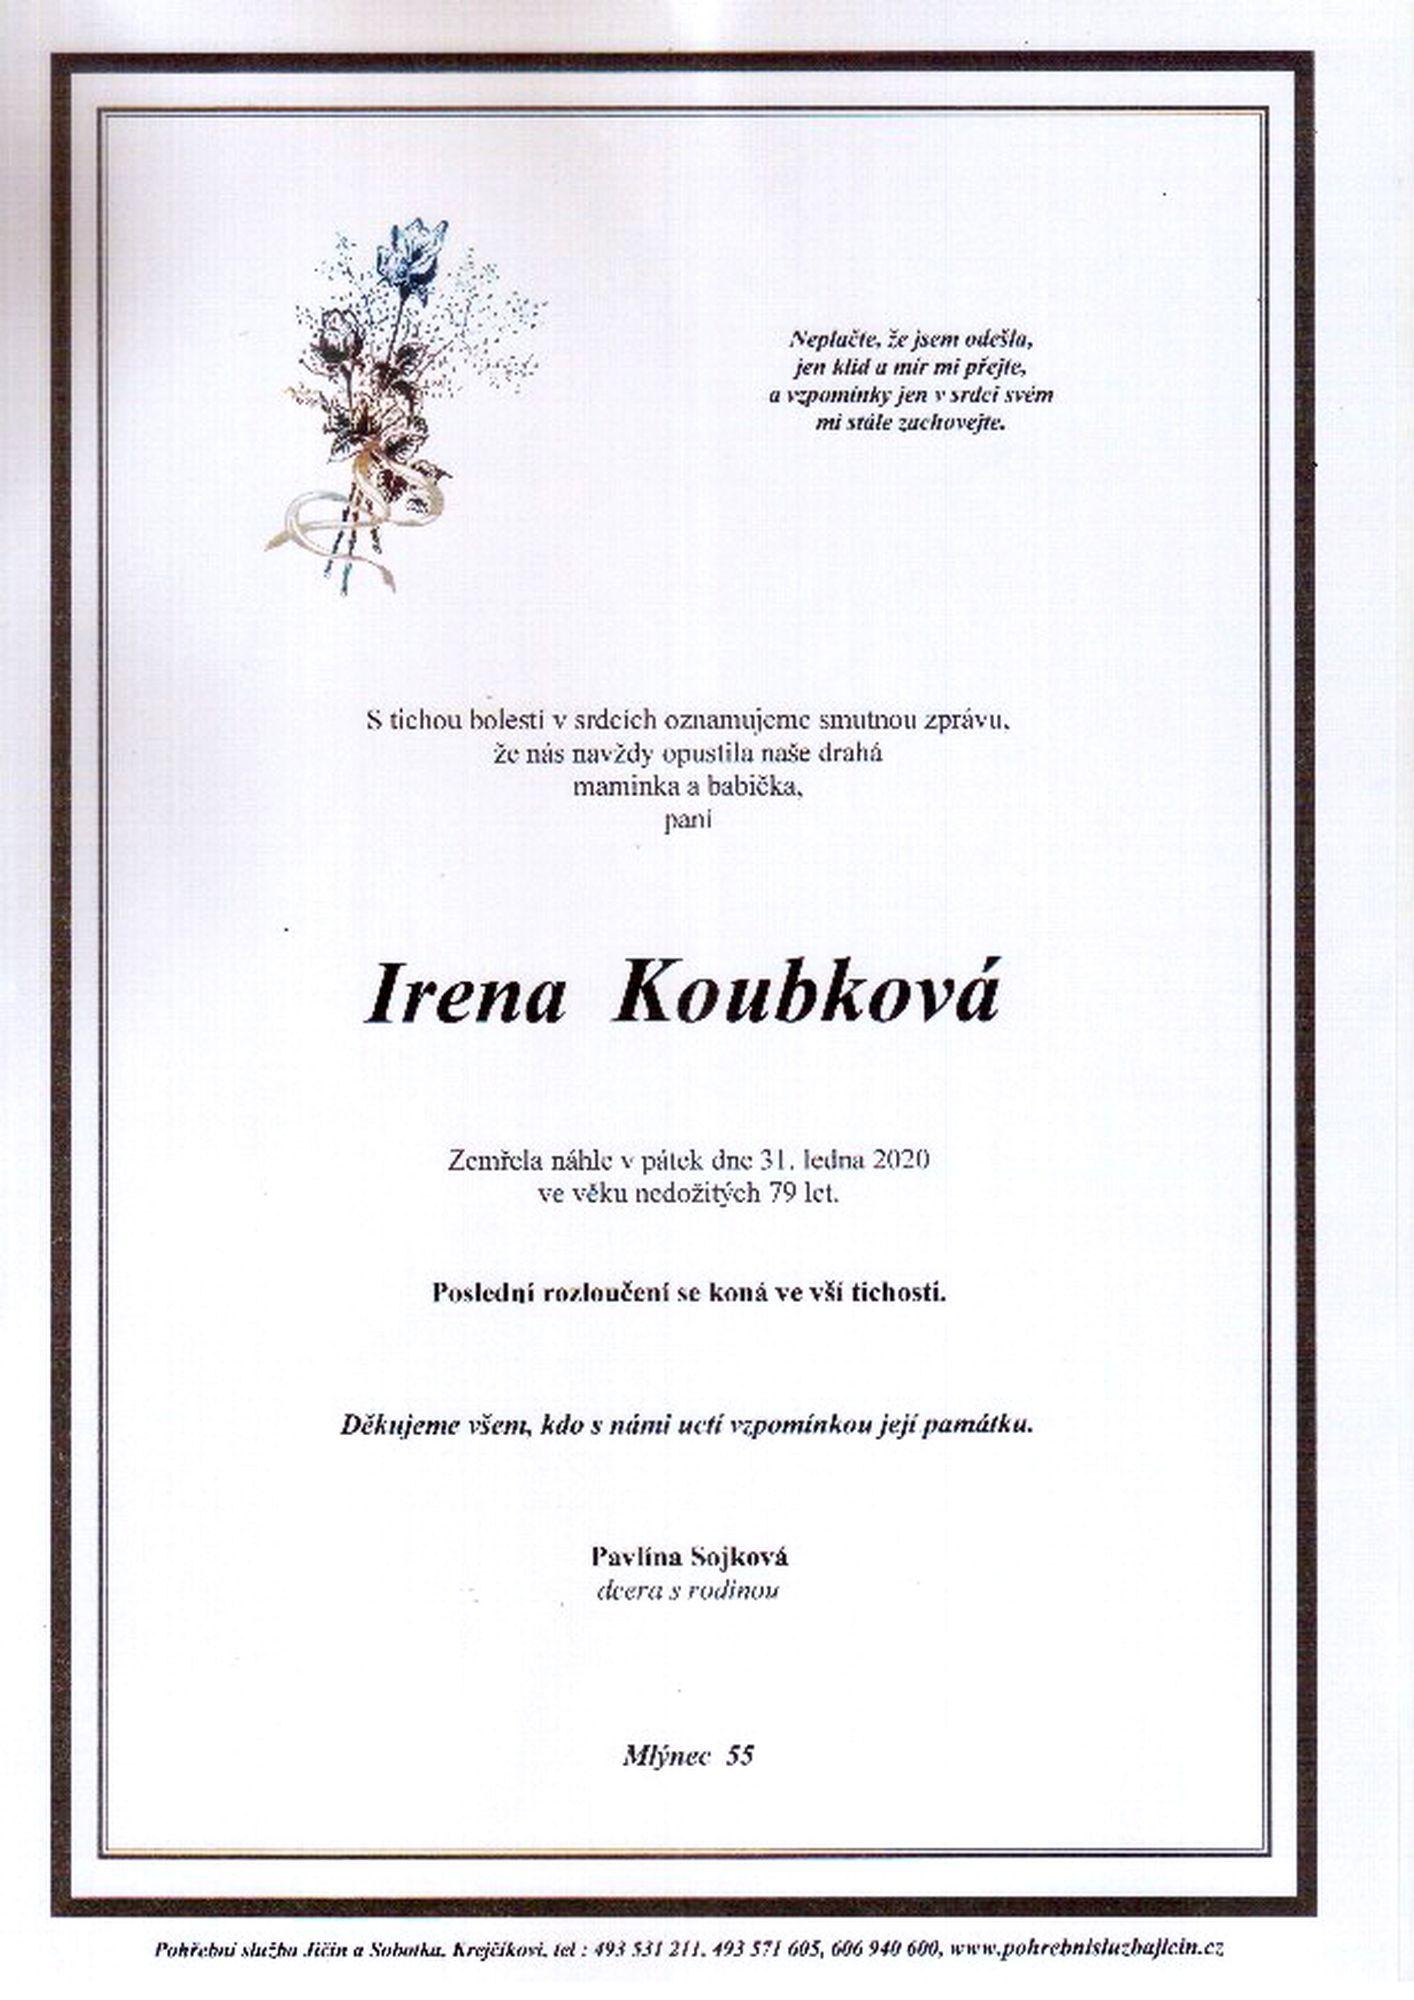 Irena Koubková